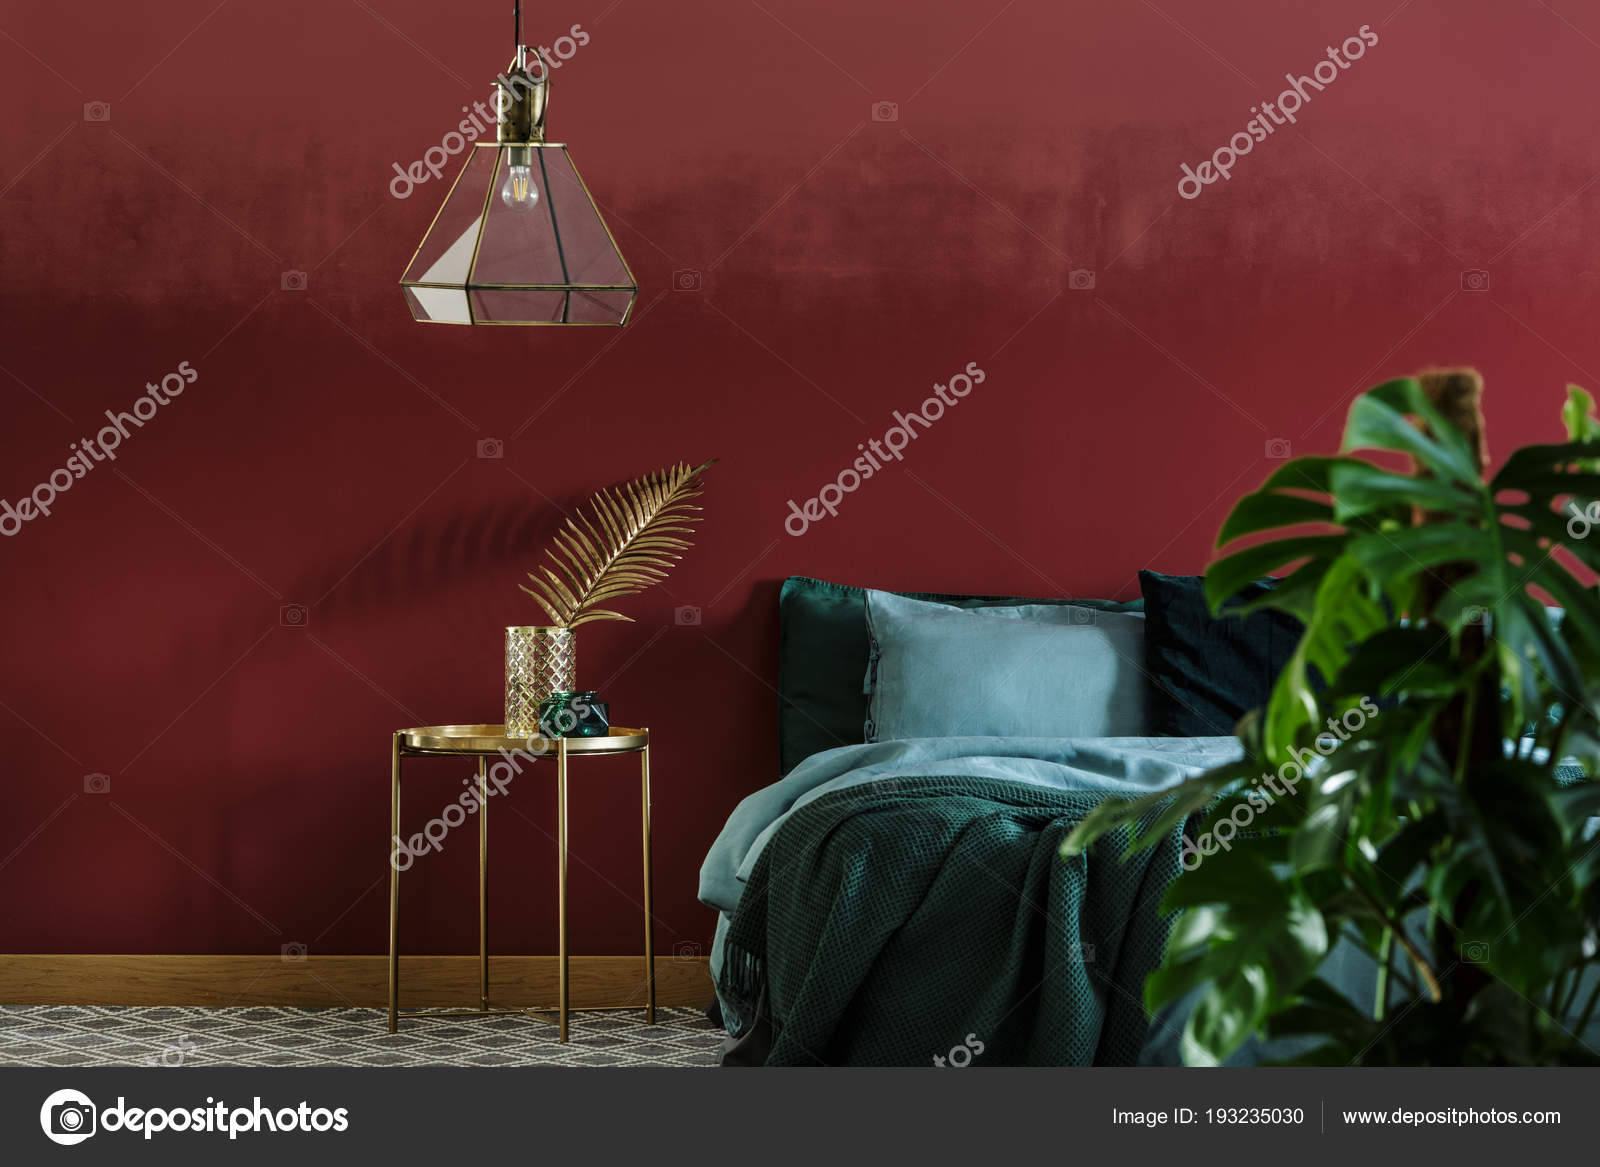 Schlafzimmer Innenraum Mit Glas Lampe Hängend Über Dem Nachttisch ...